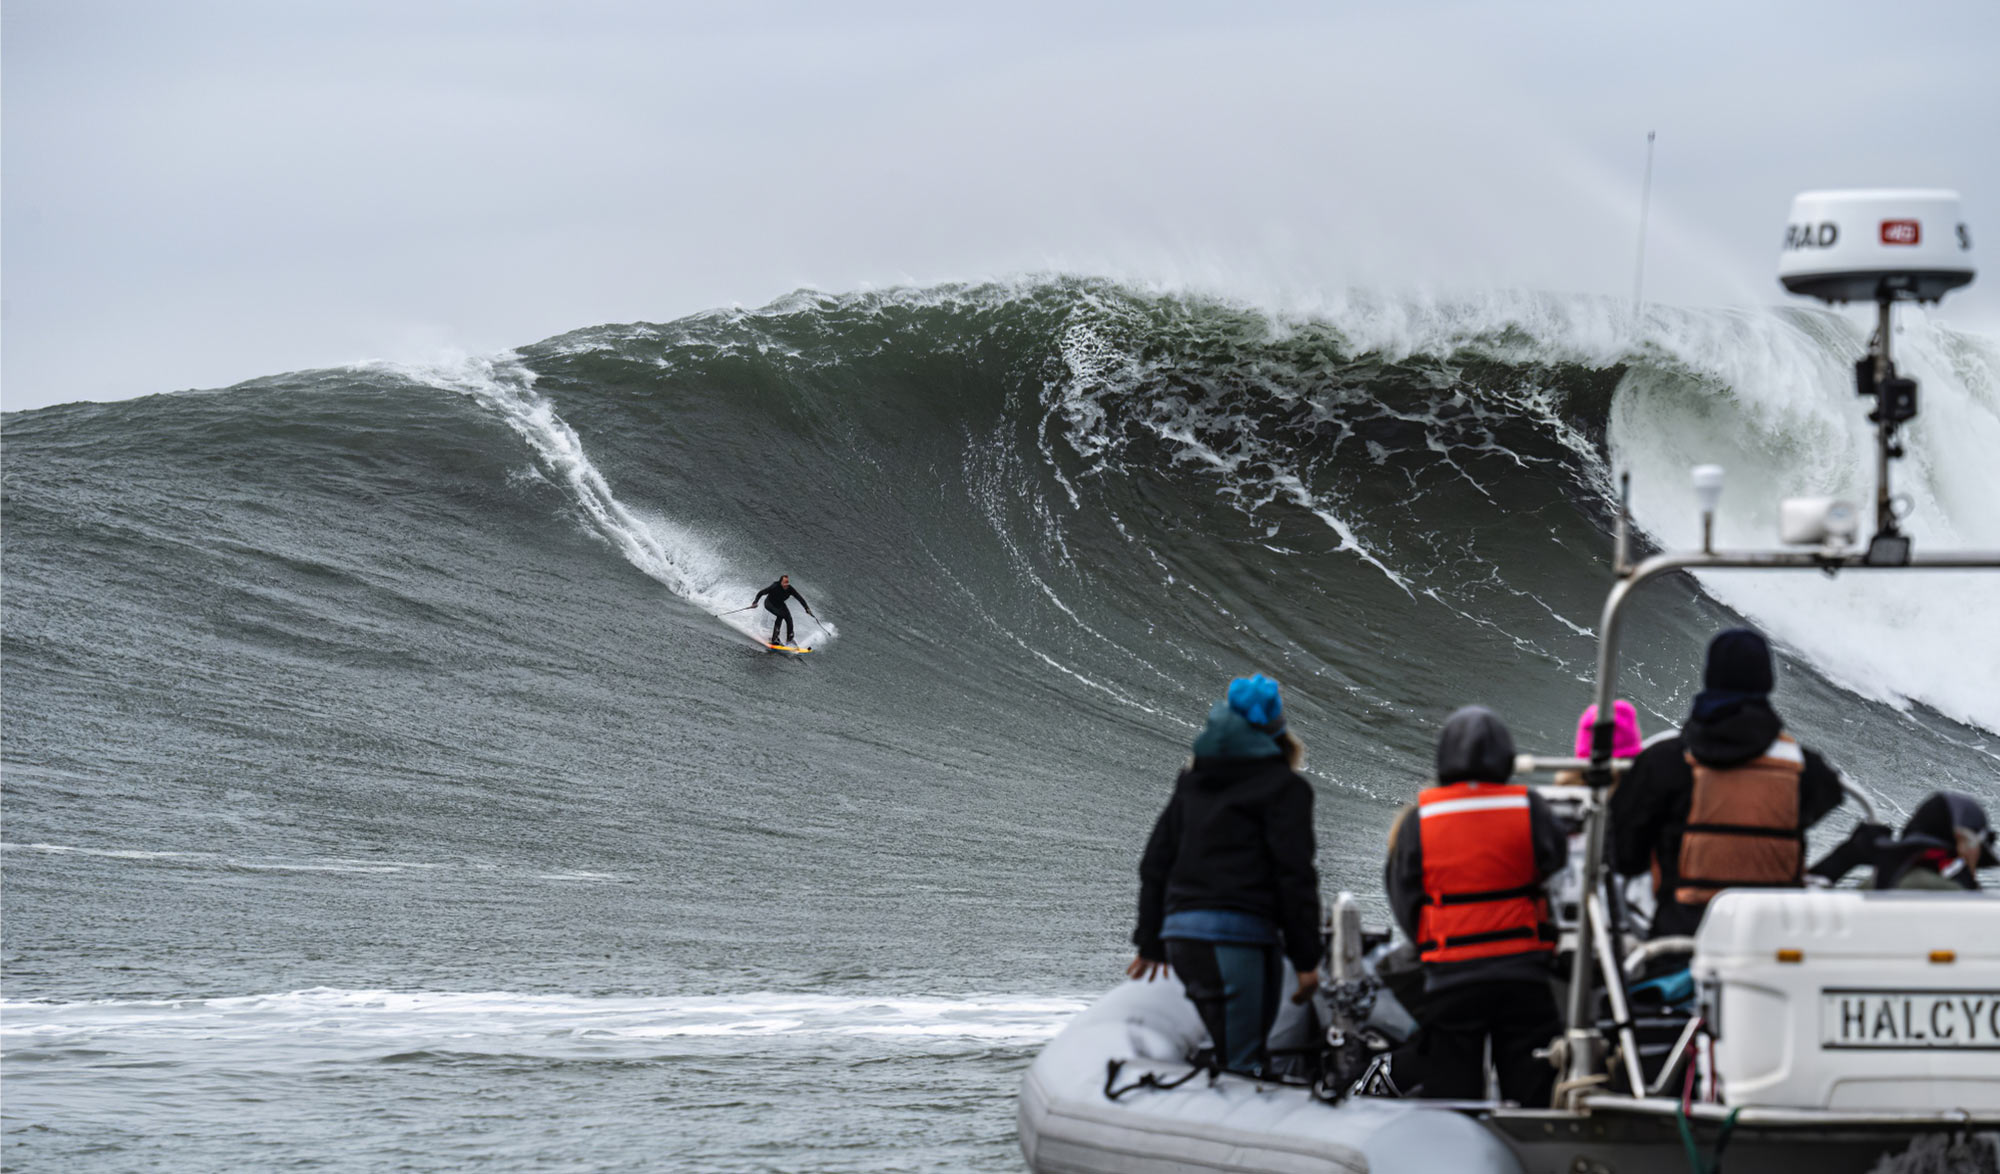 Mavericks Big Waves ski